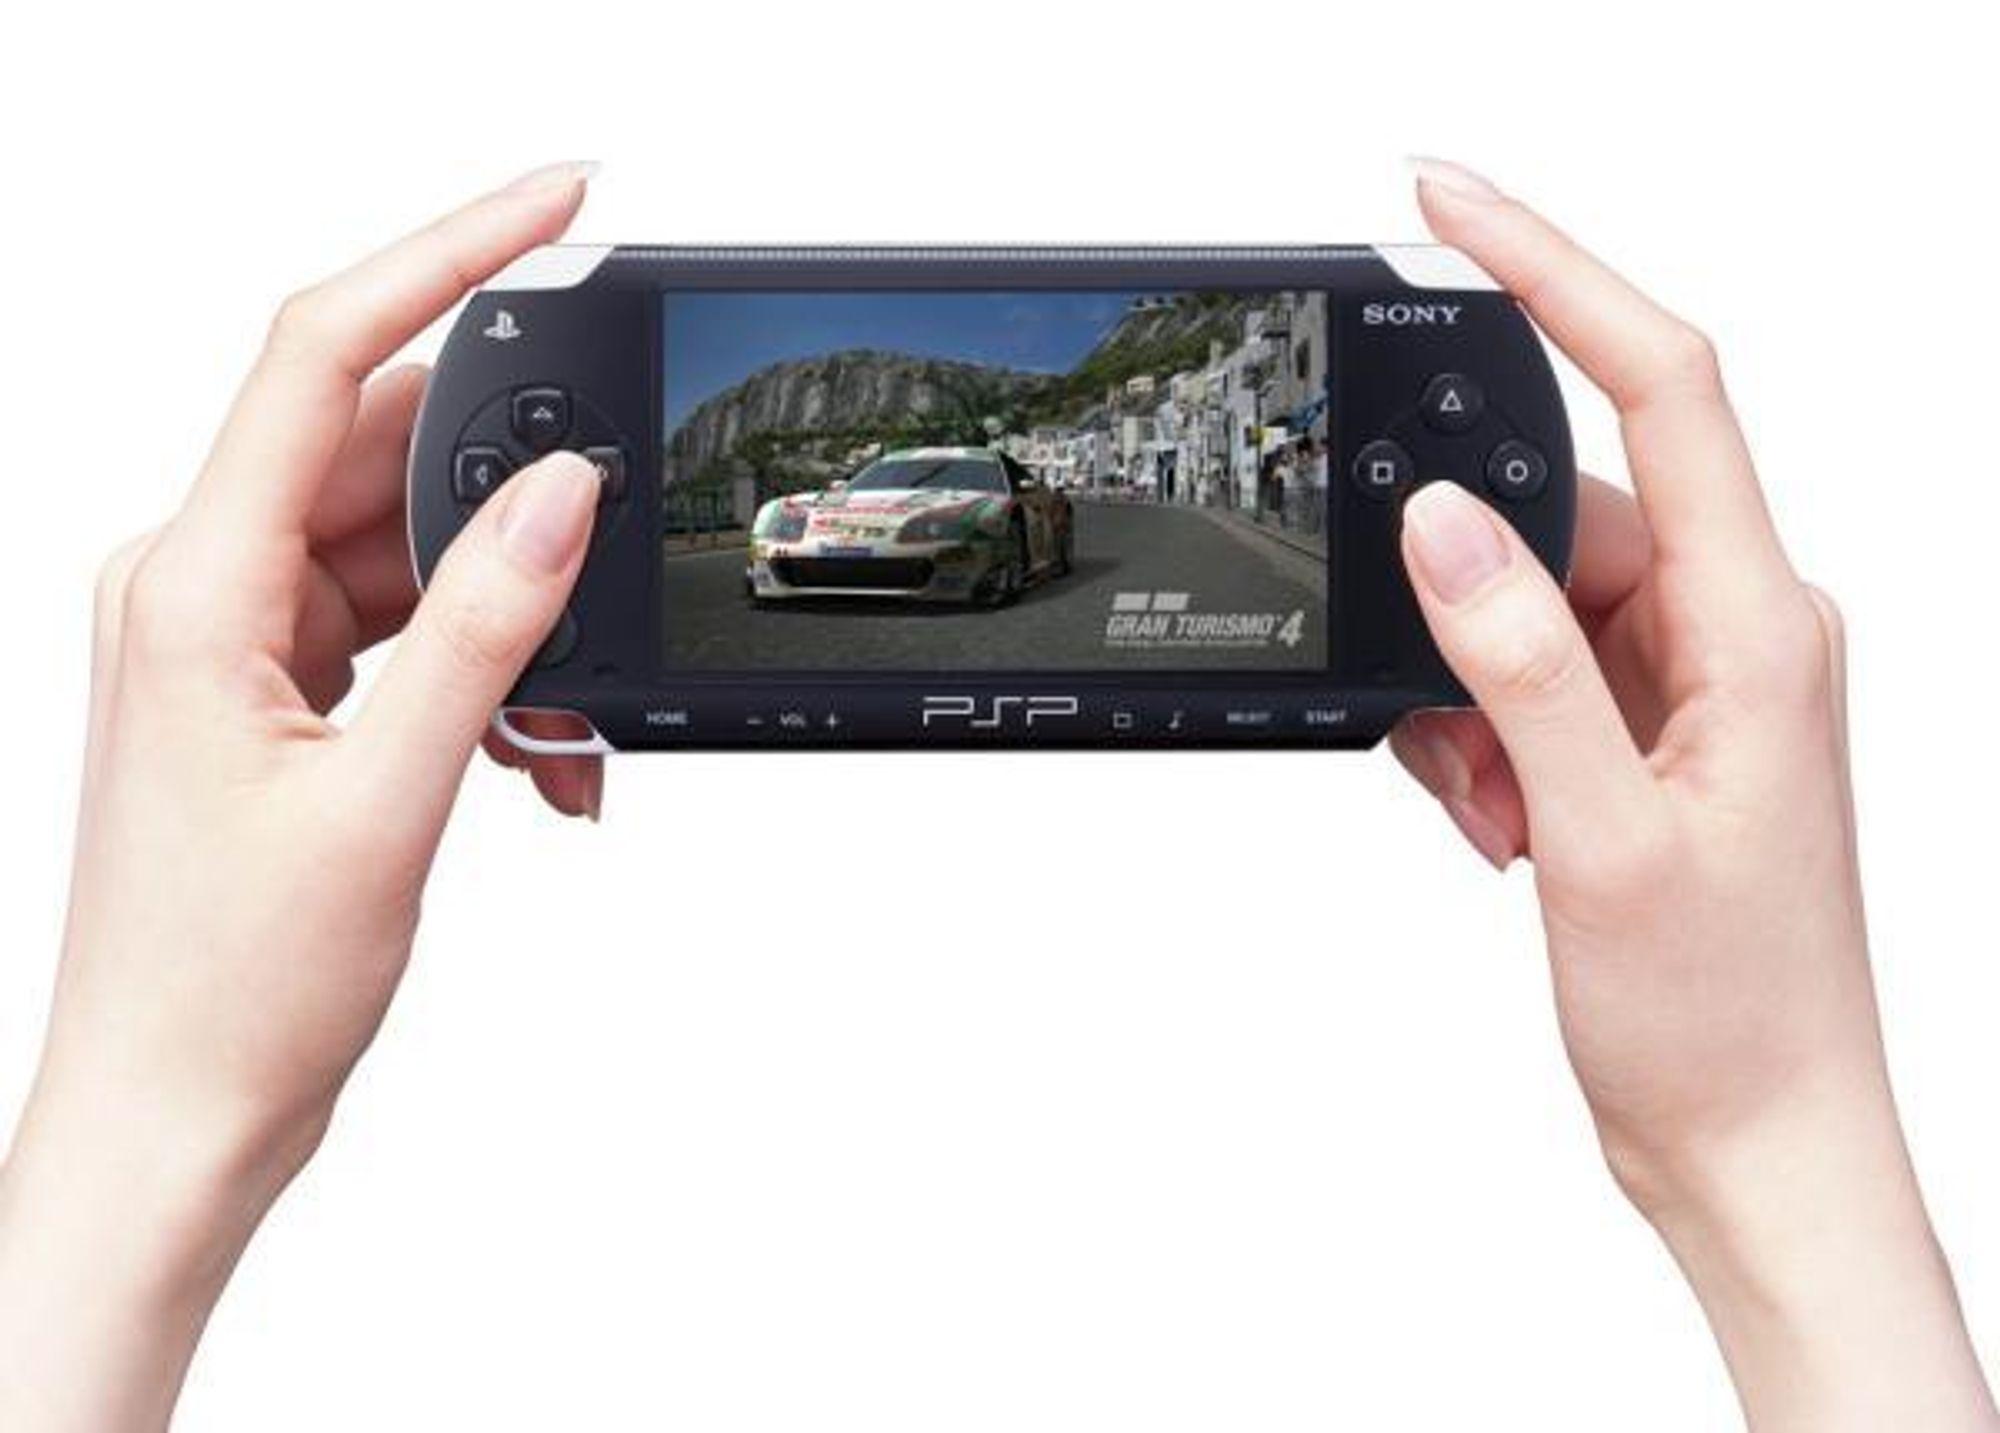 PSP: Snart kan du komme til å ringe med den.